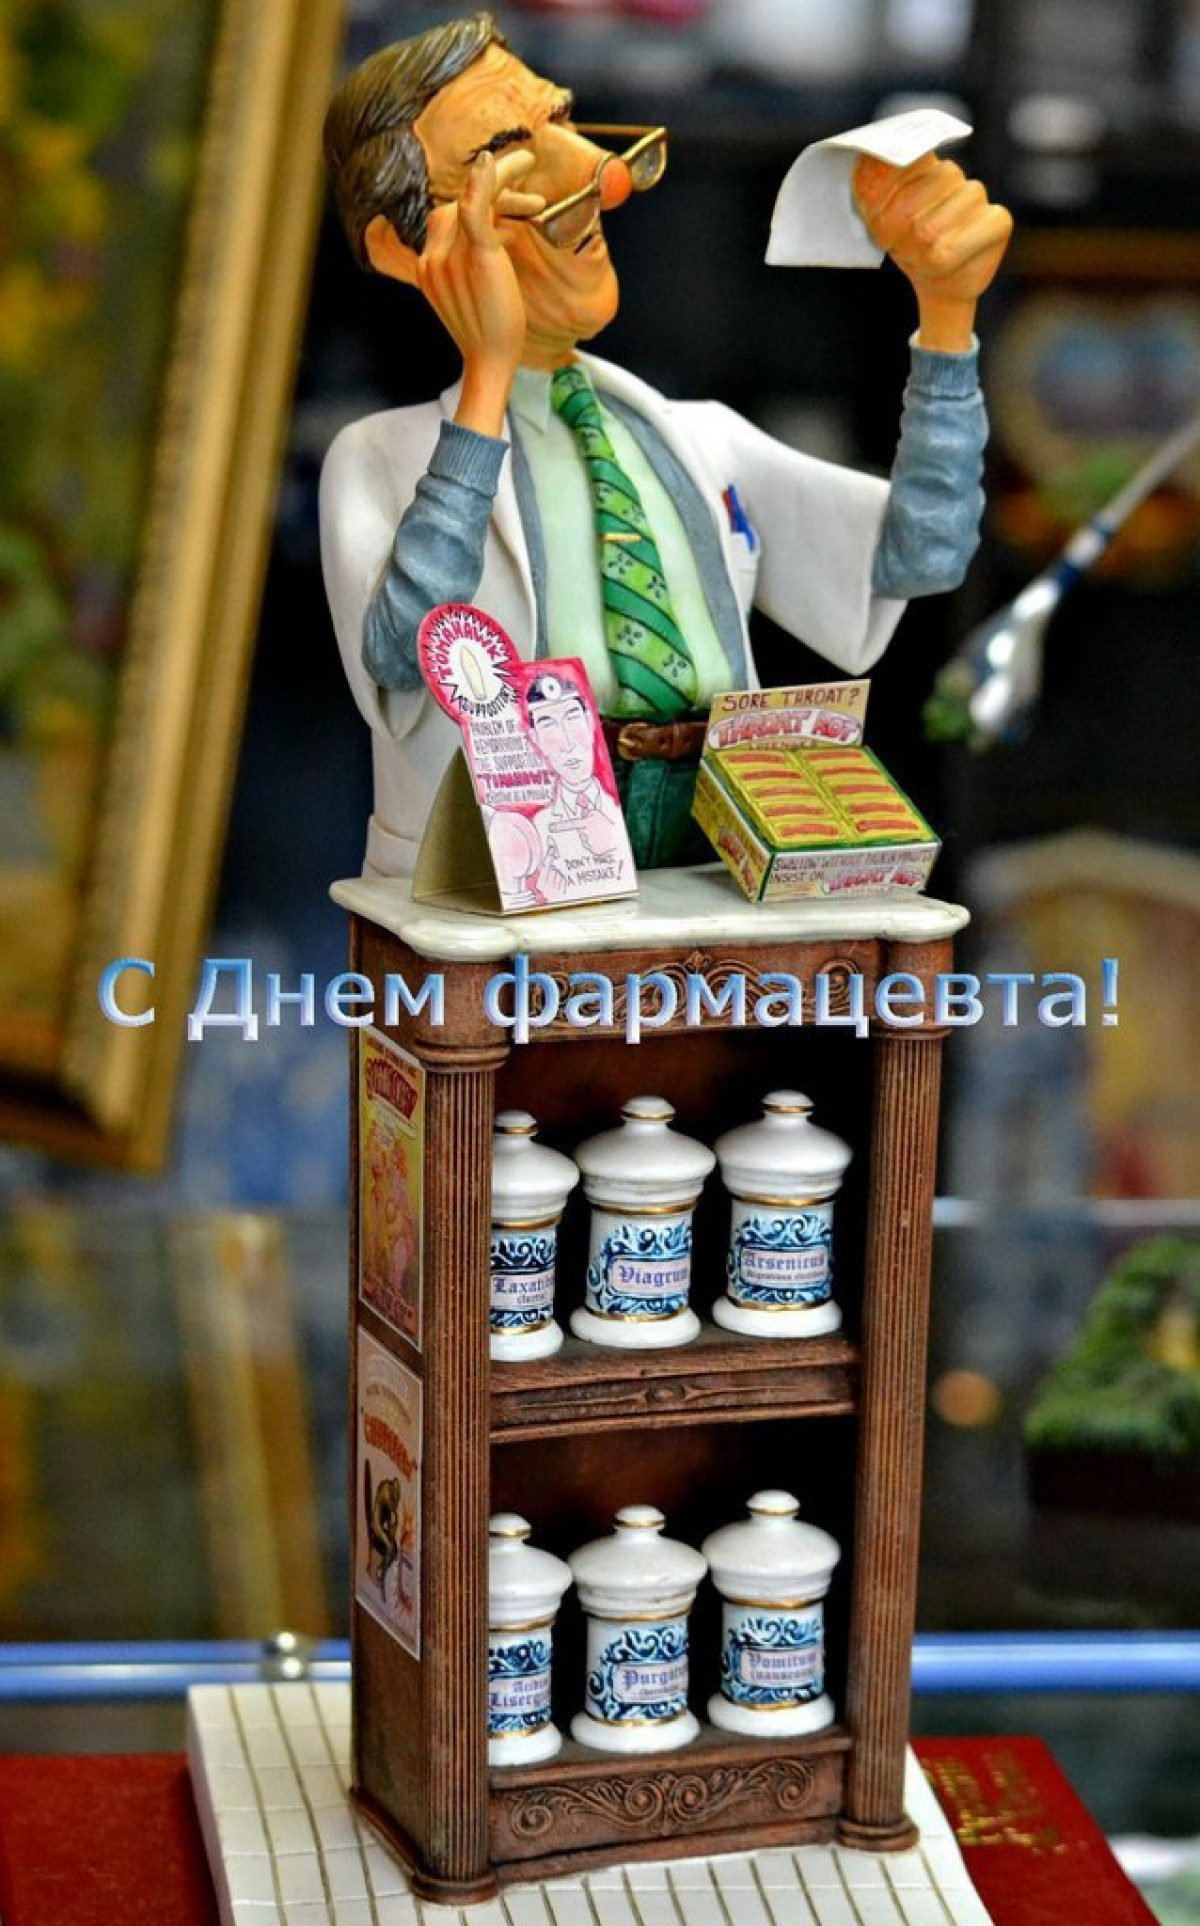 Поздравления с Днем фармацевтического работника, 19 мая: душевные стихи и проза, красивые открытки и картинки